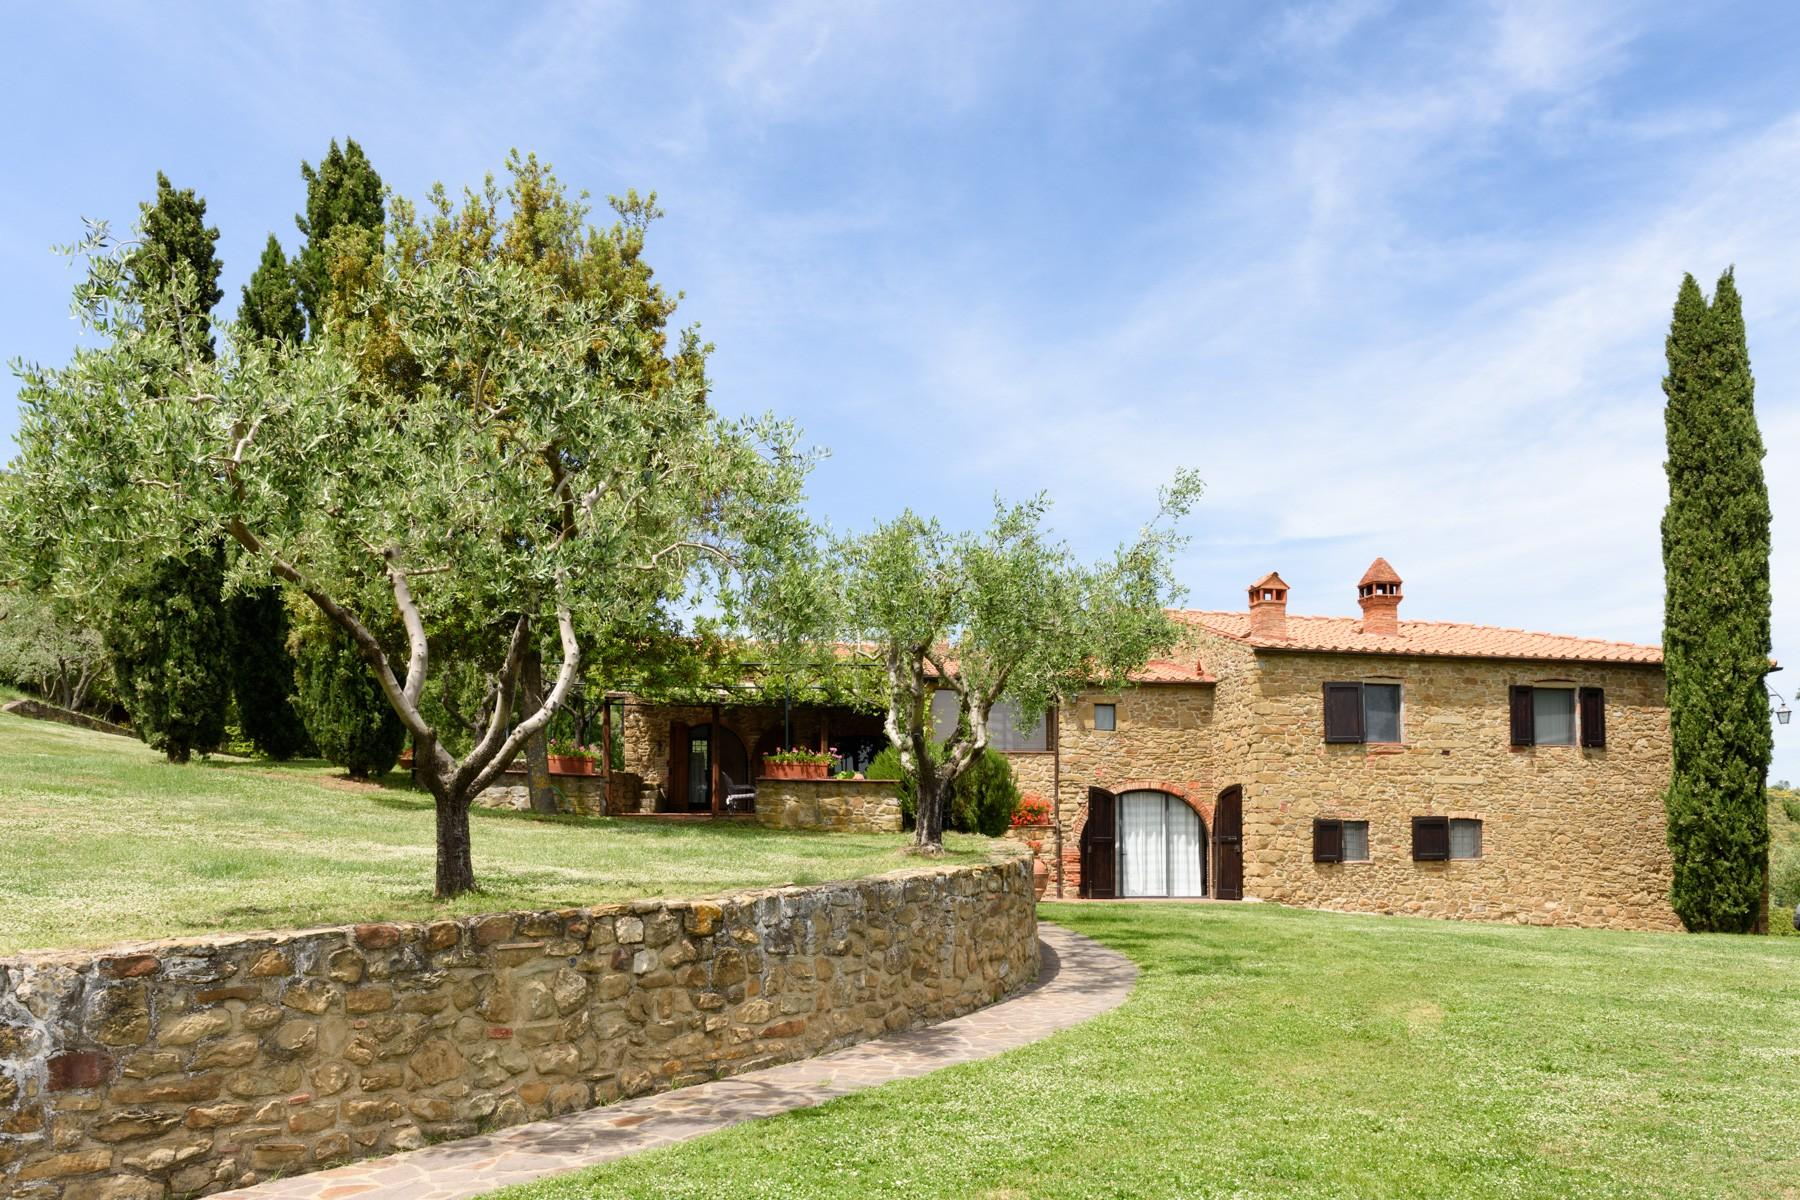 Magnificent property in Chianti Aretino - 2